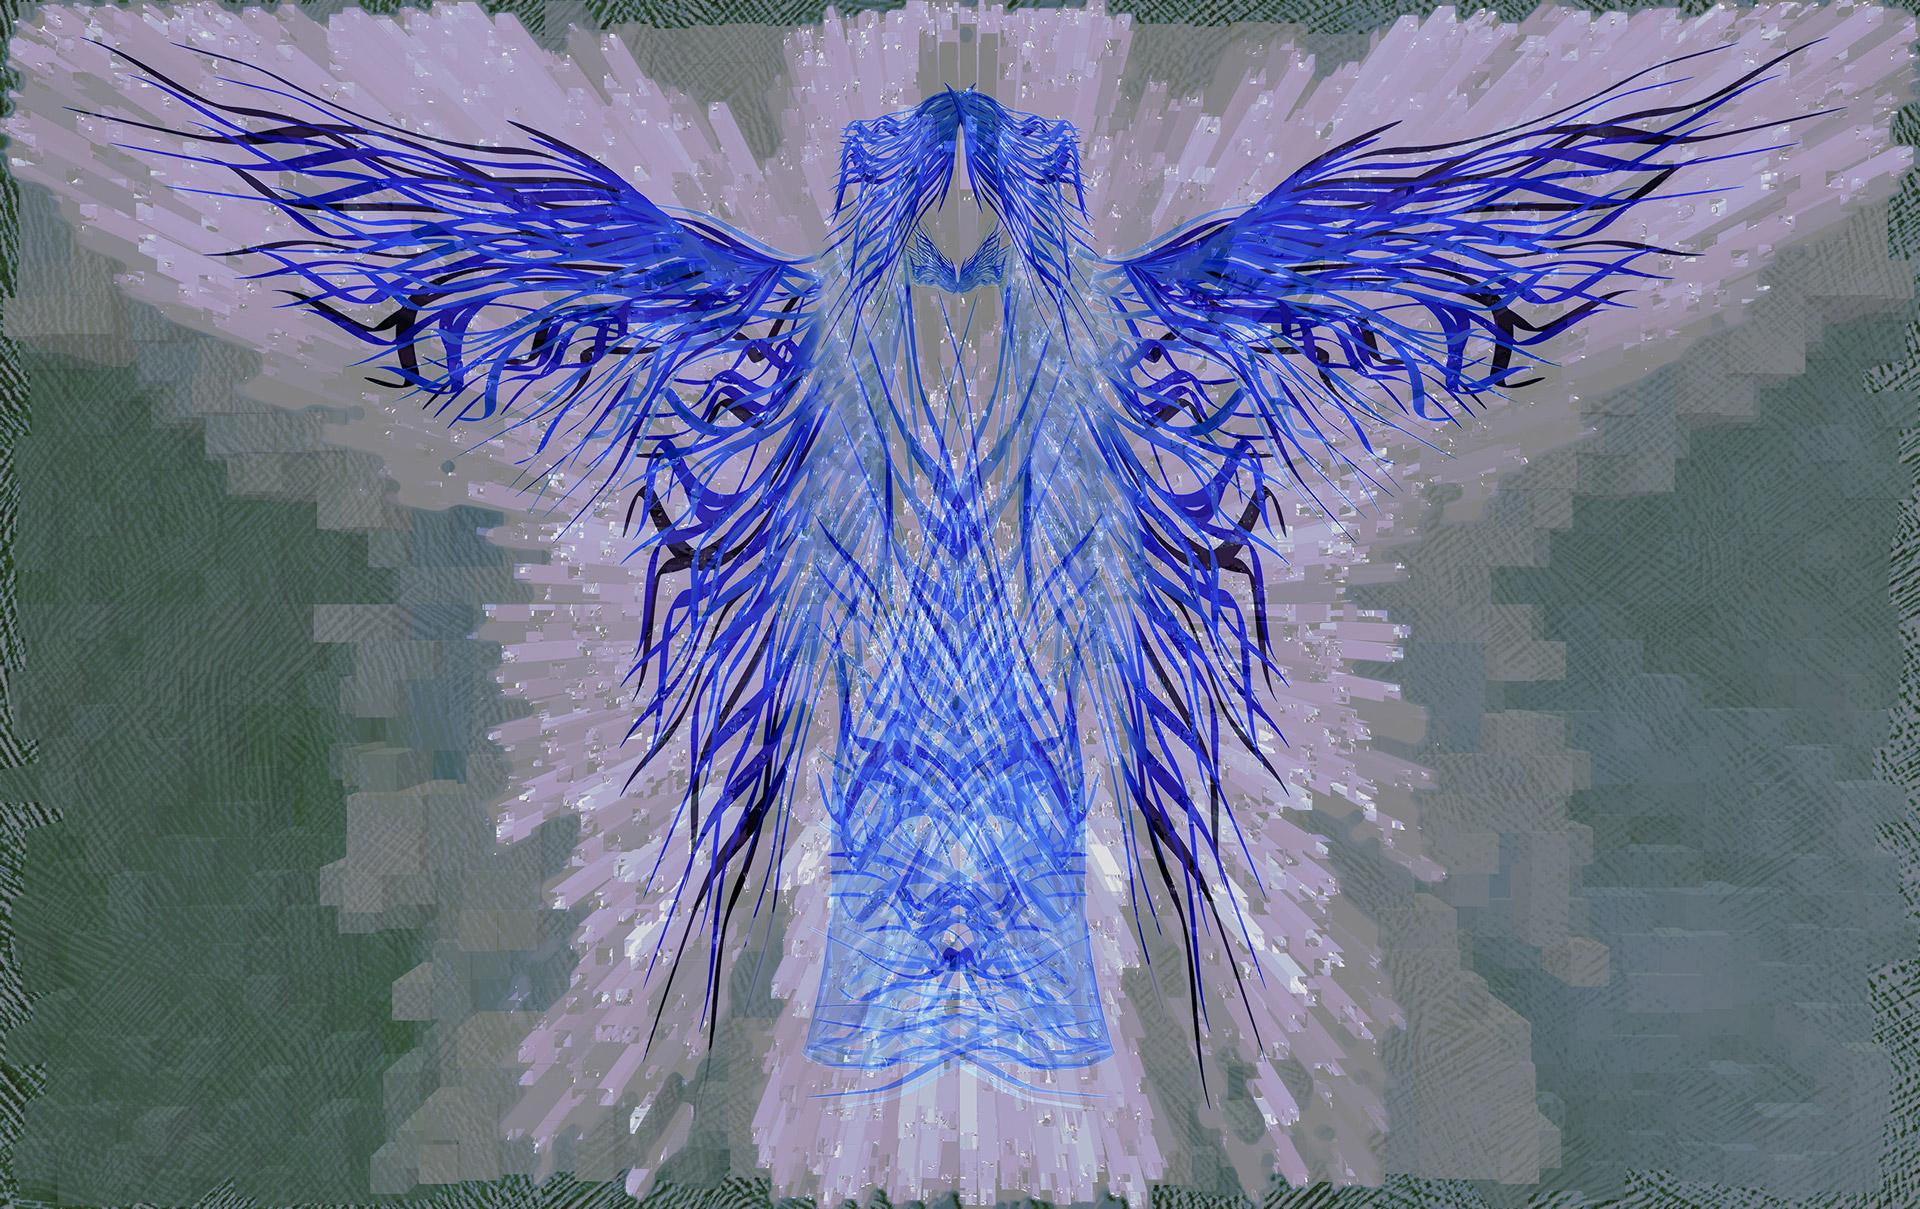 Blue Angel Abstract Art by Alejandro LIzardo (public domain)